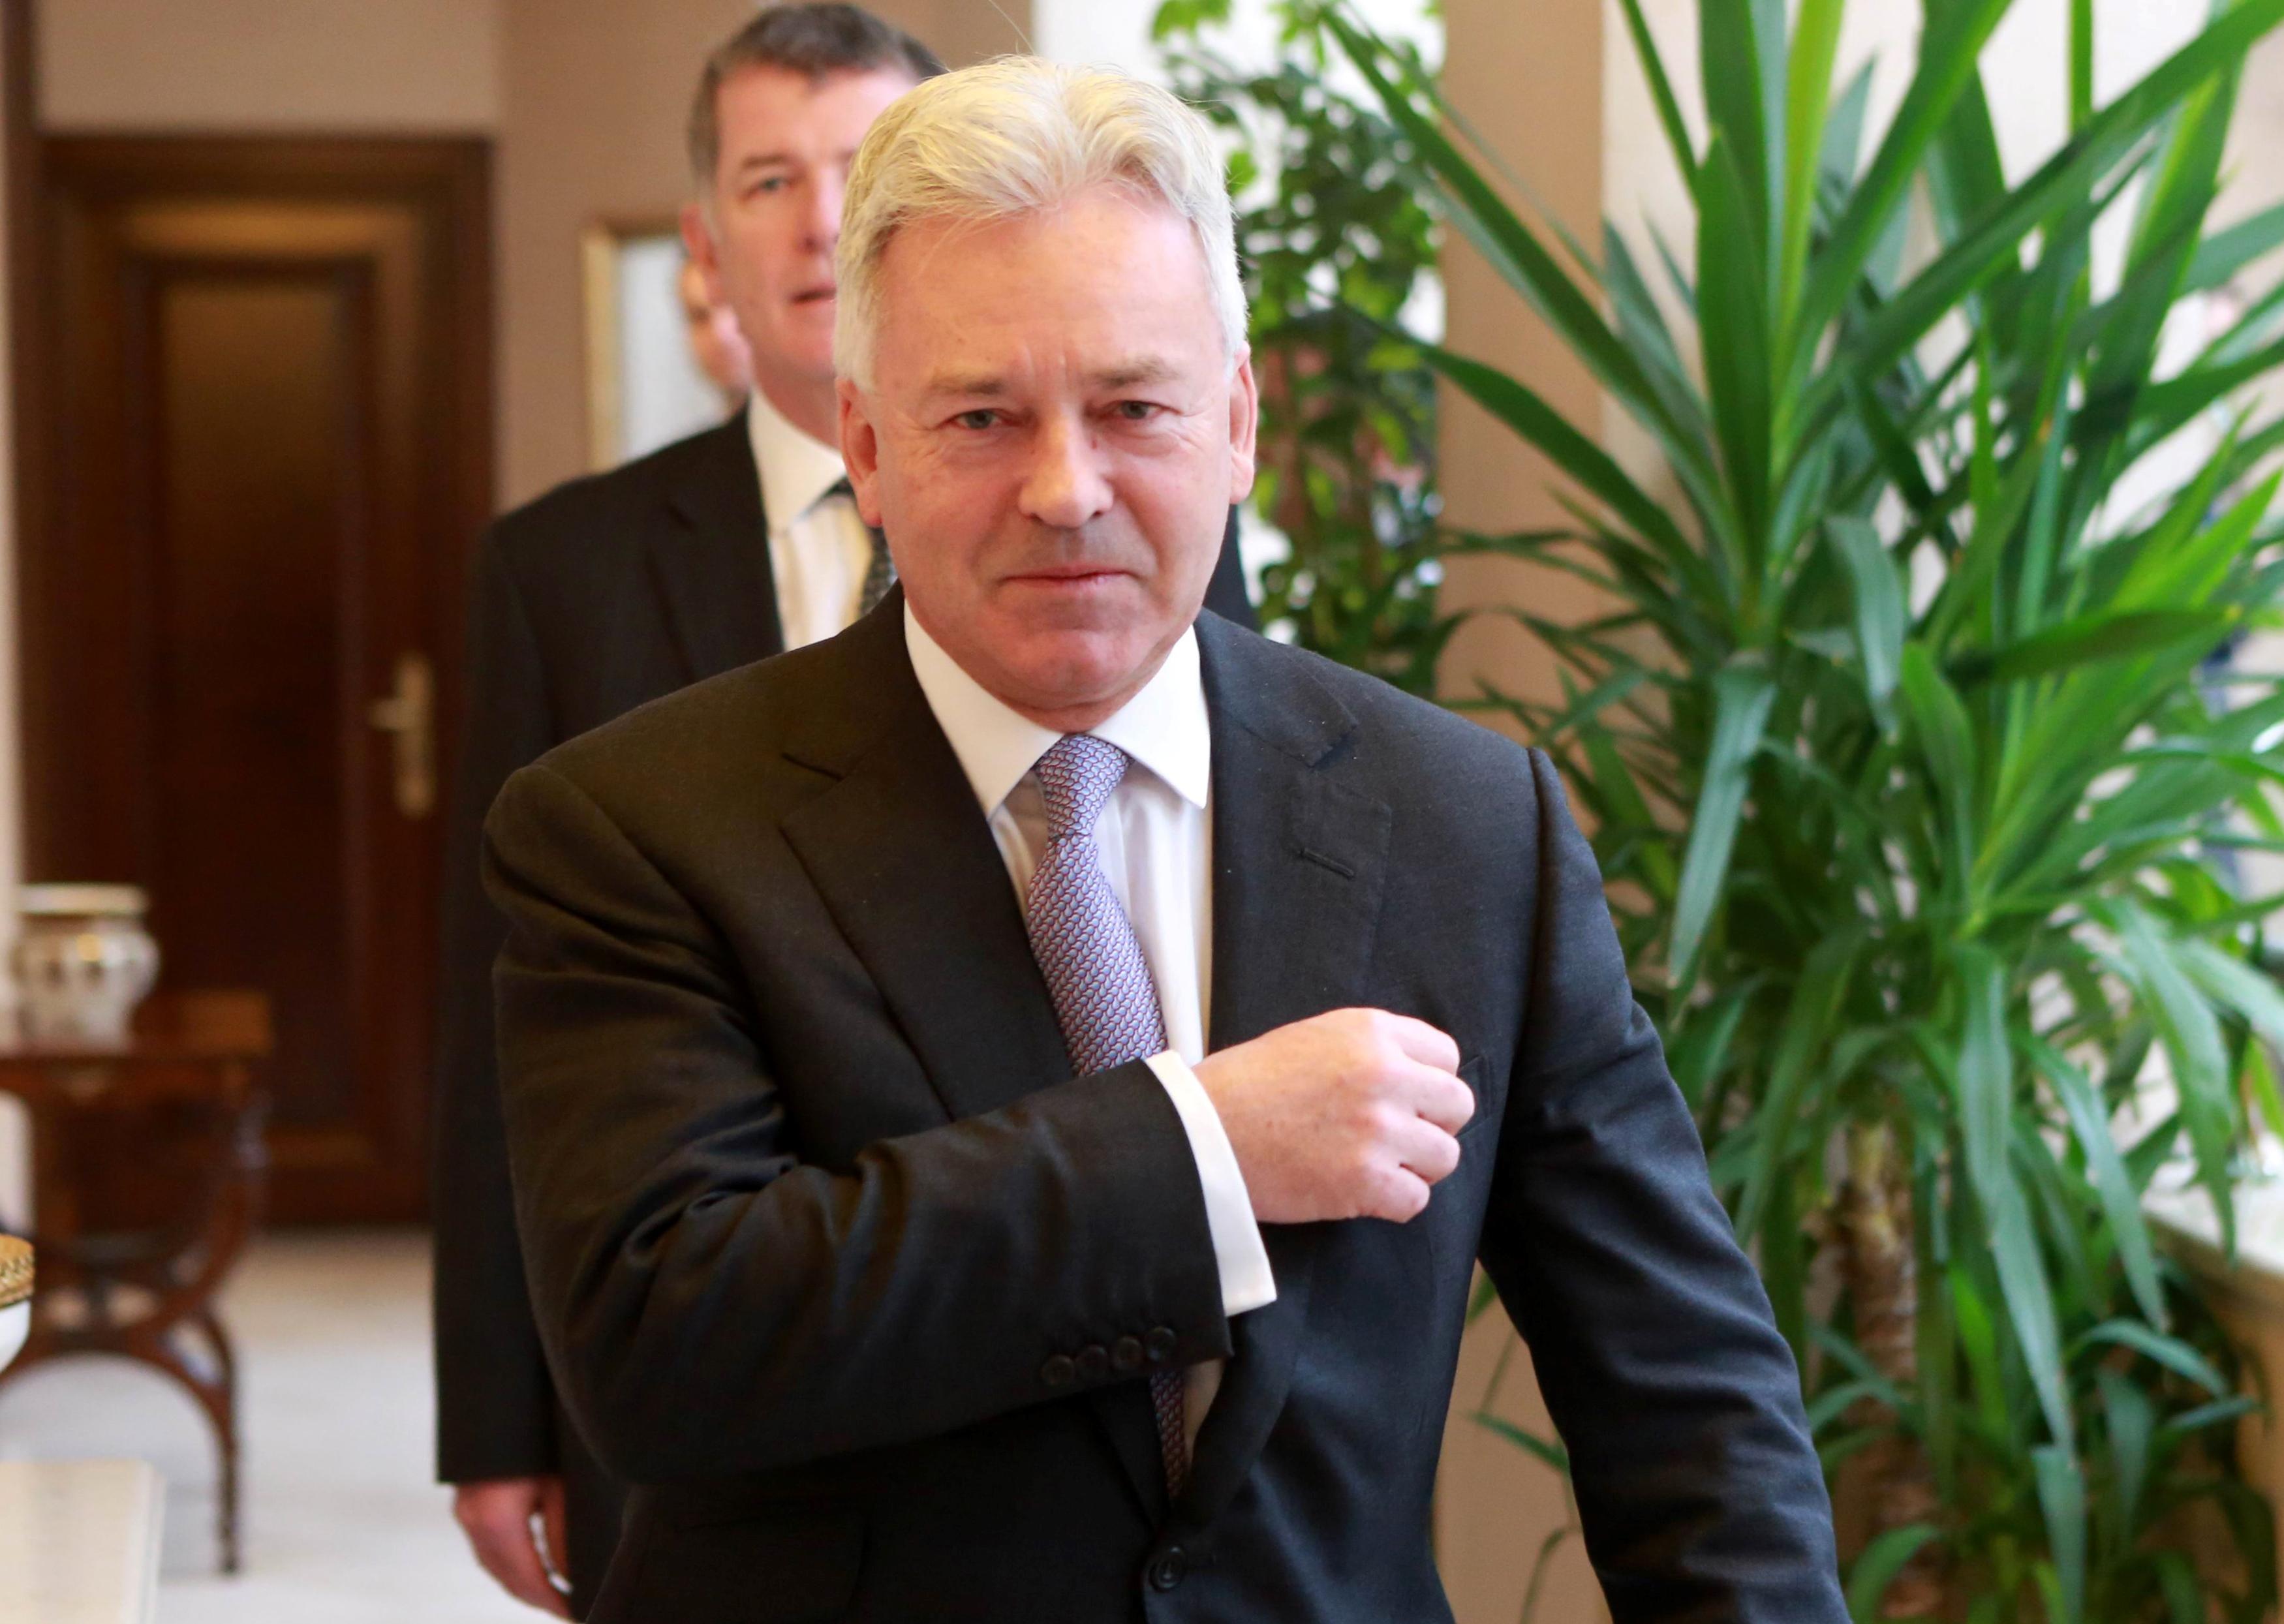 Bocsánatot kért az izraeli nagykövetség, amiért az egyik diplomatájuk a brit  külügyminiszter-helyettes kirúgásáért lobbizott